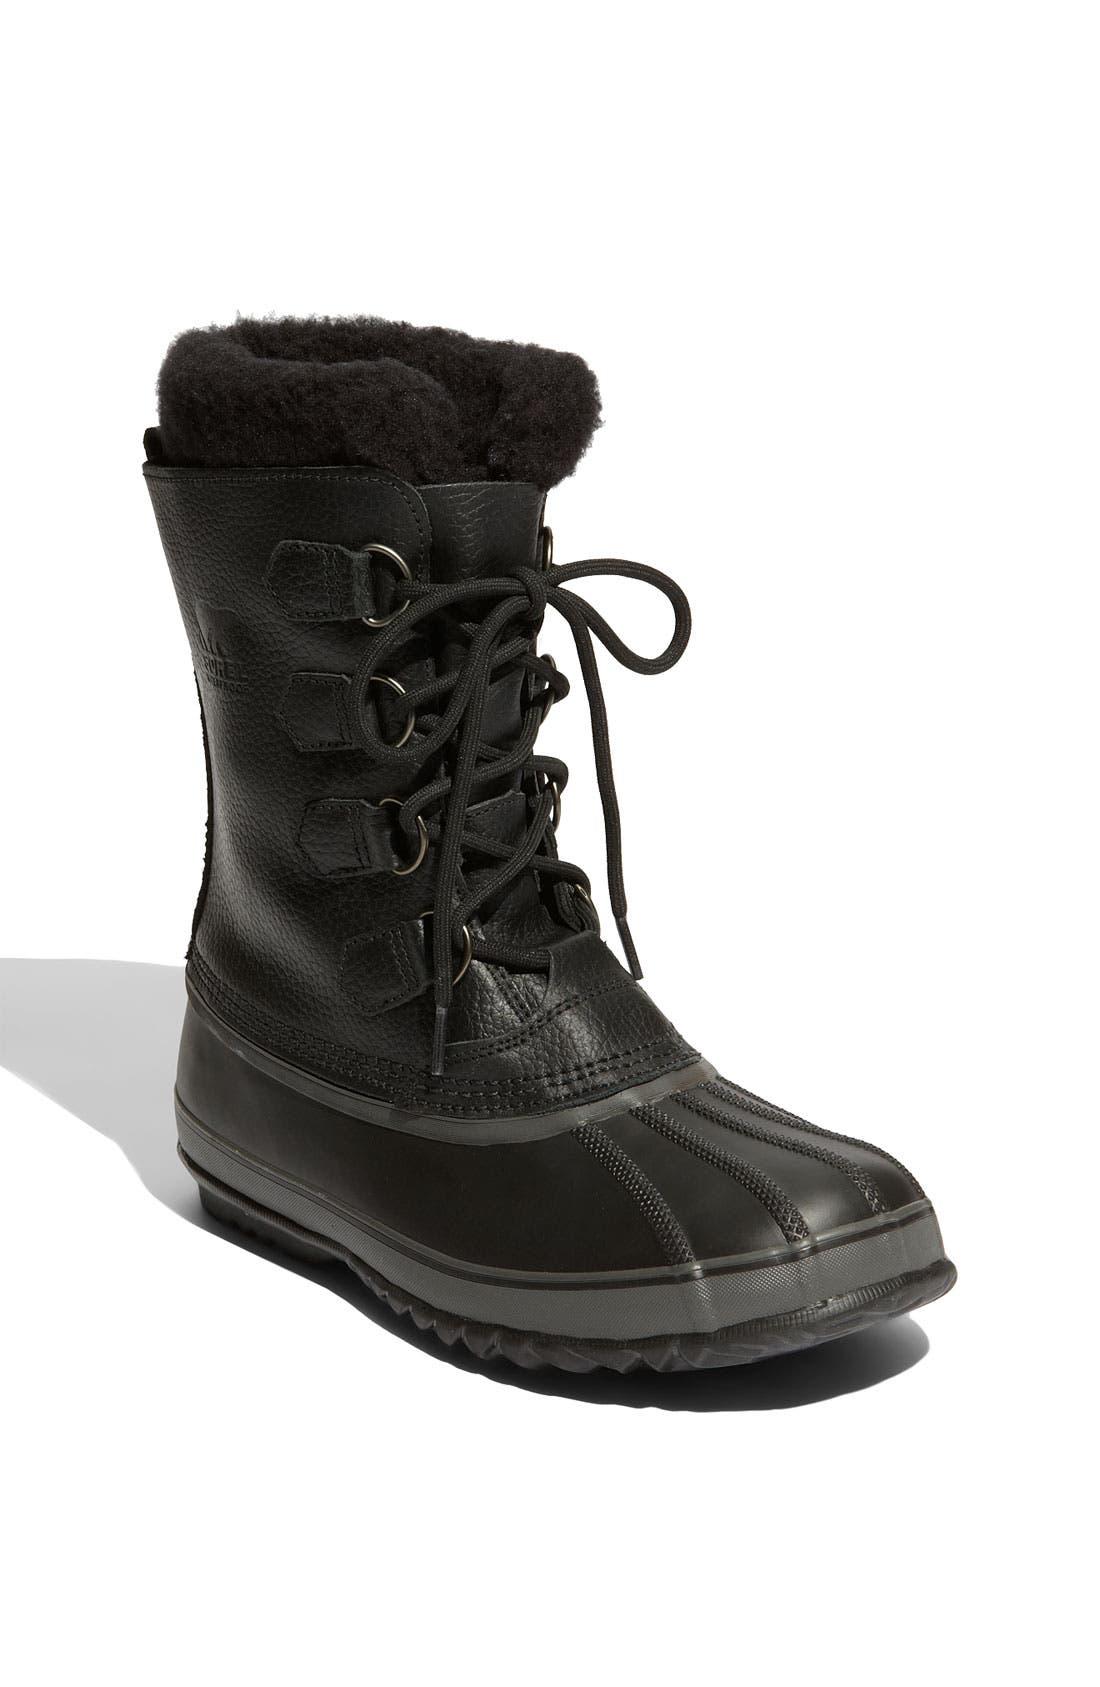 Alternate Image 1 Selected - SOREL '1964' Waterproof Boot (Men)